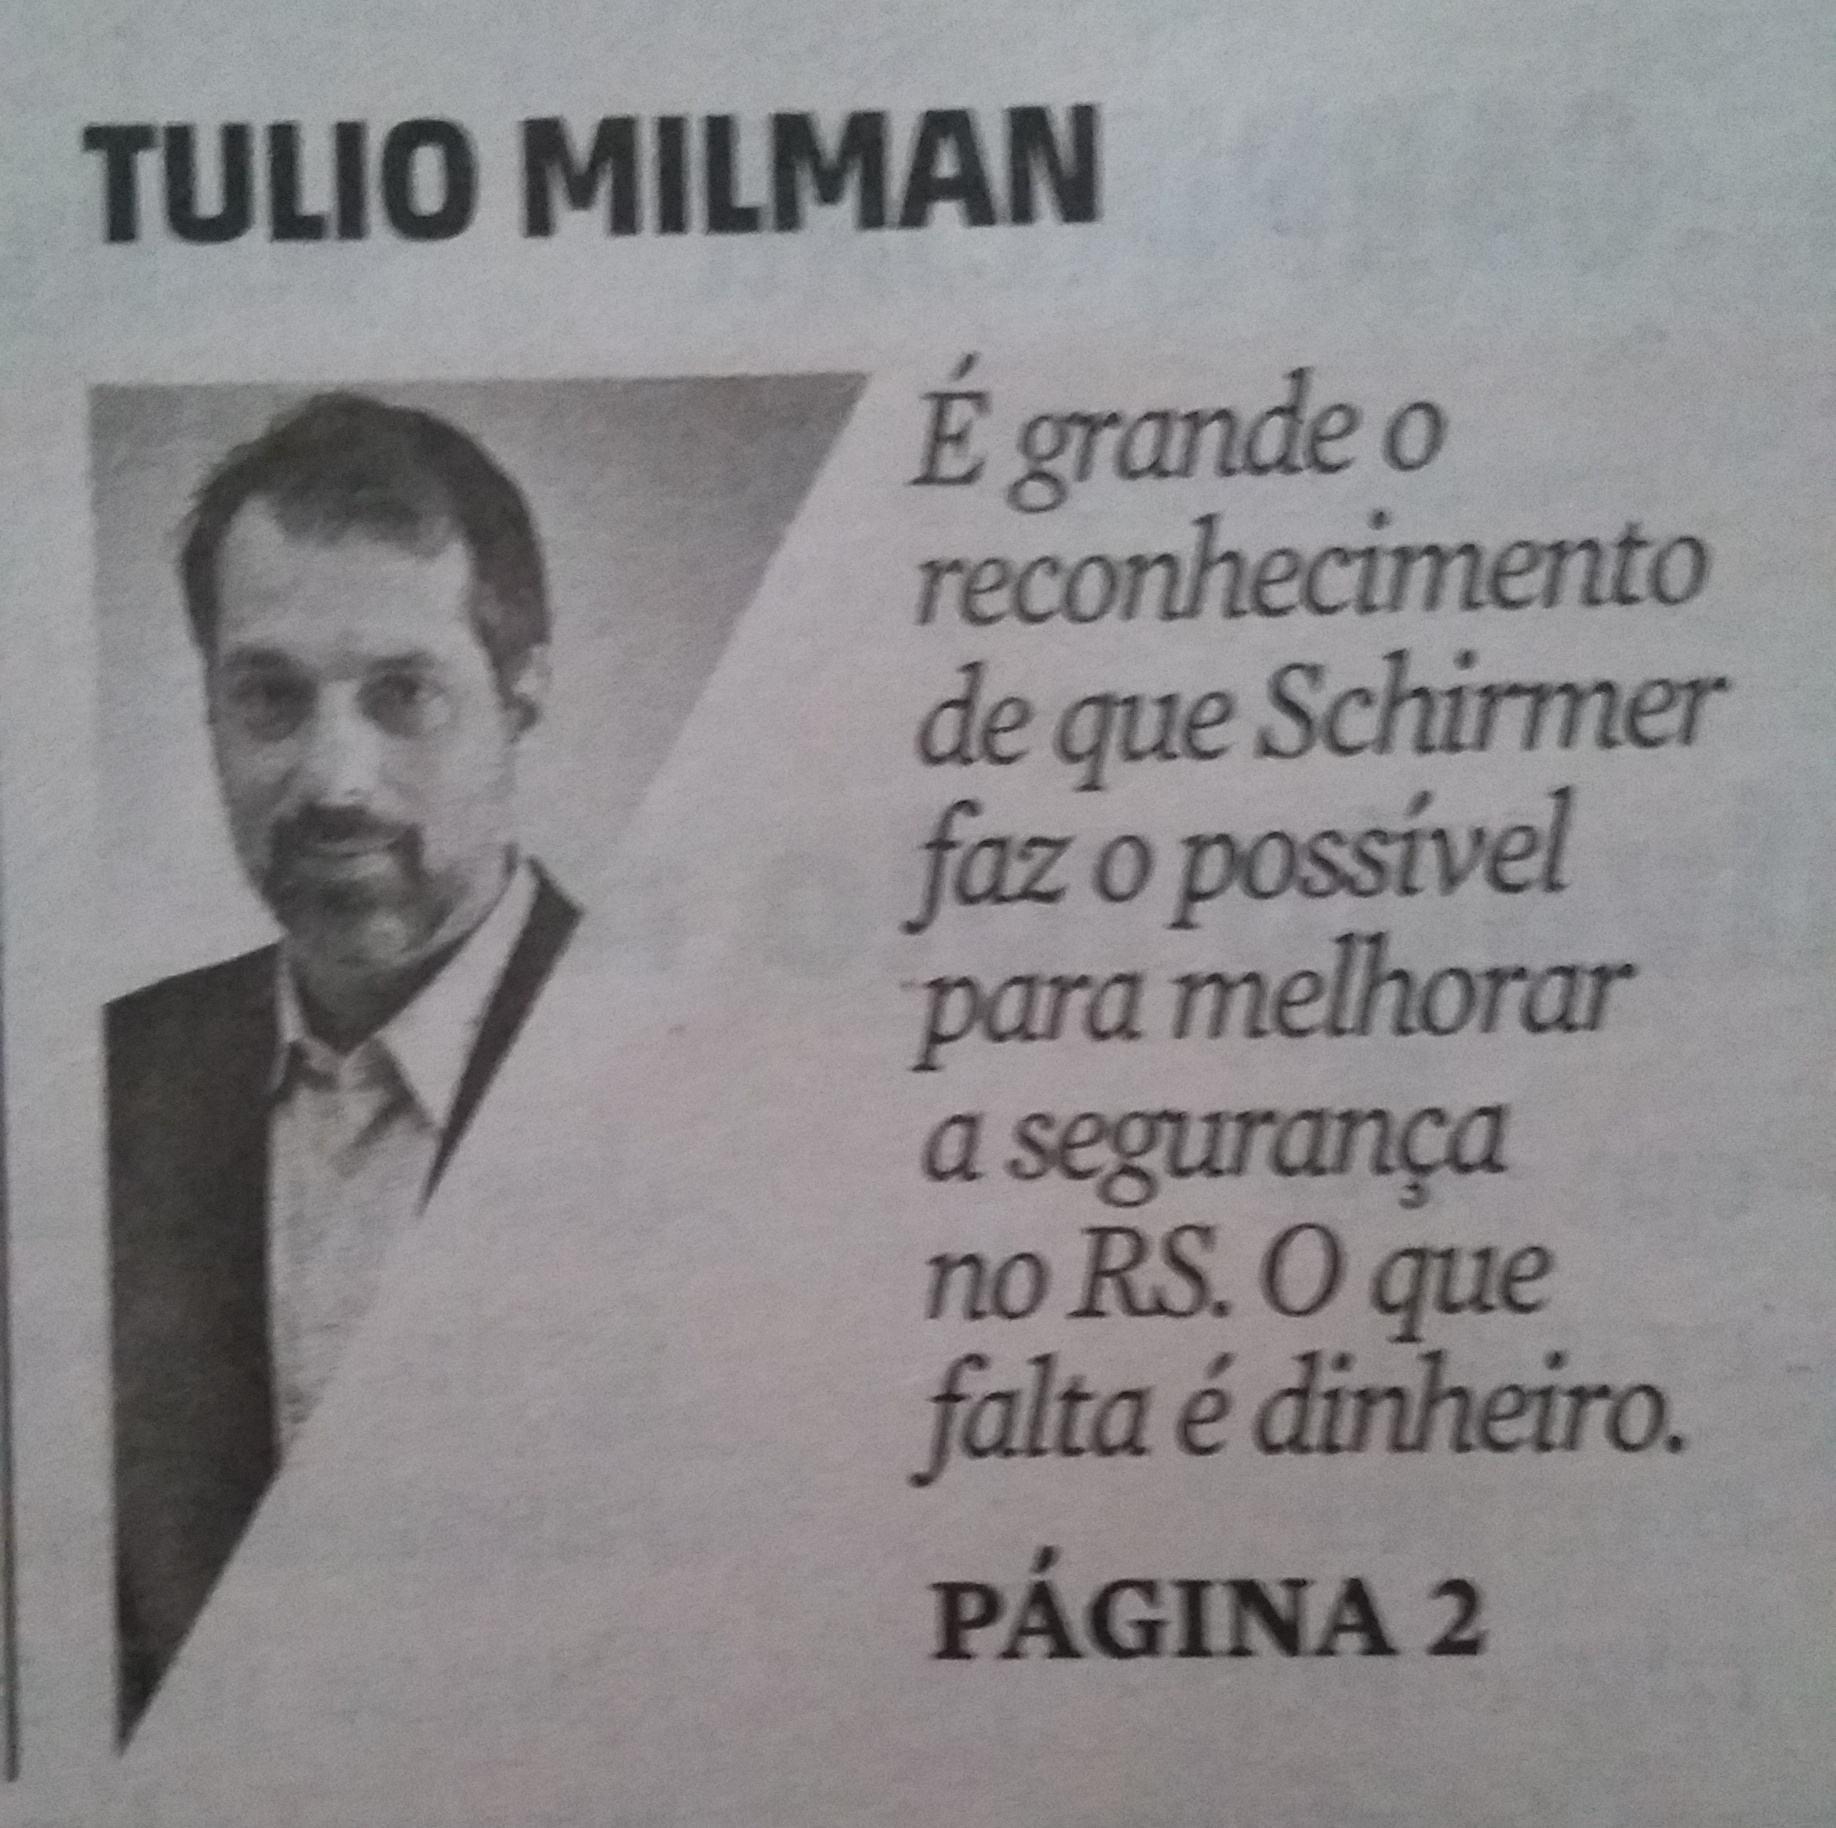 Tulio Milman